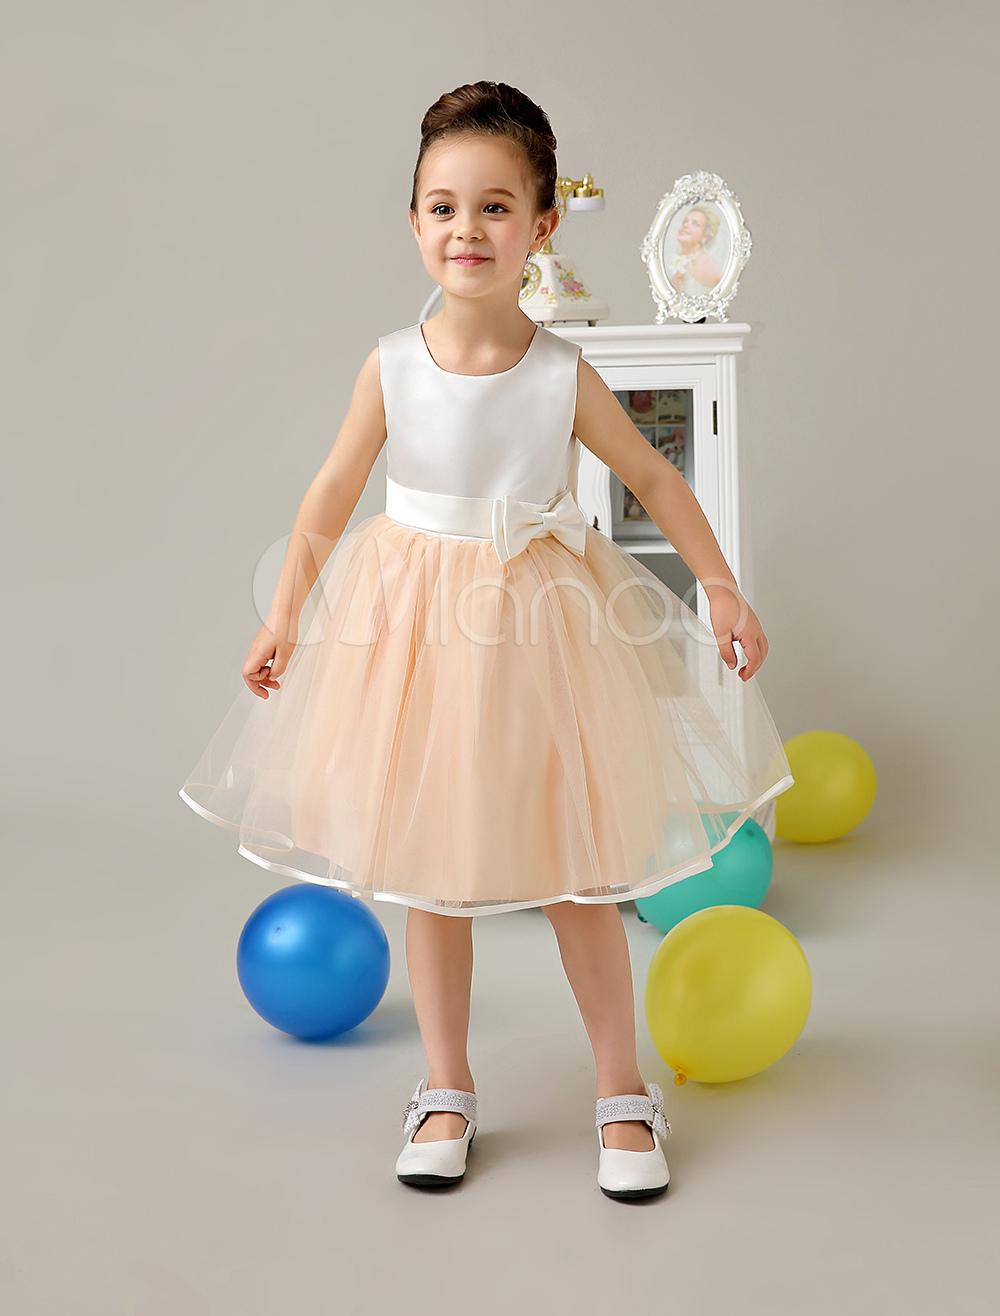 Flower Girl Dresses Champagne Satin Tulle Short Tutu Dress Kids Knee Length Sleeveless Bow Sash Formal Party Dresses